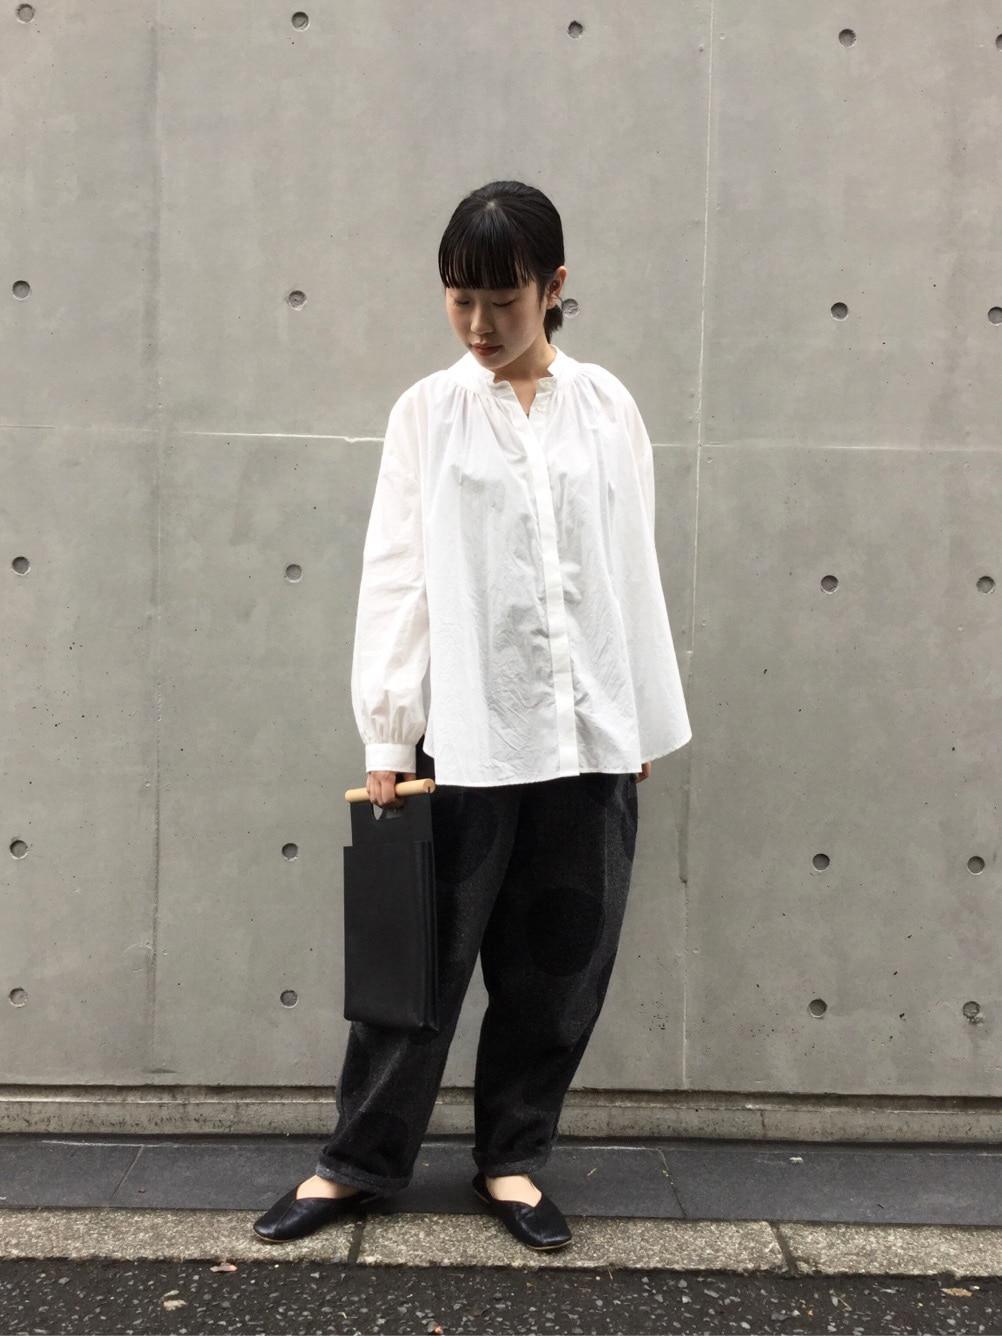 l'atelier du savon 代官山路面 身長:153cm 2020.09.09